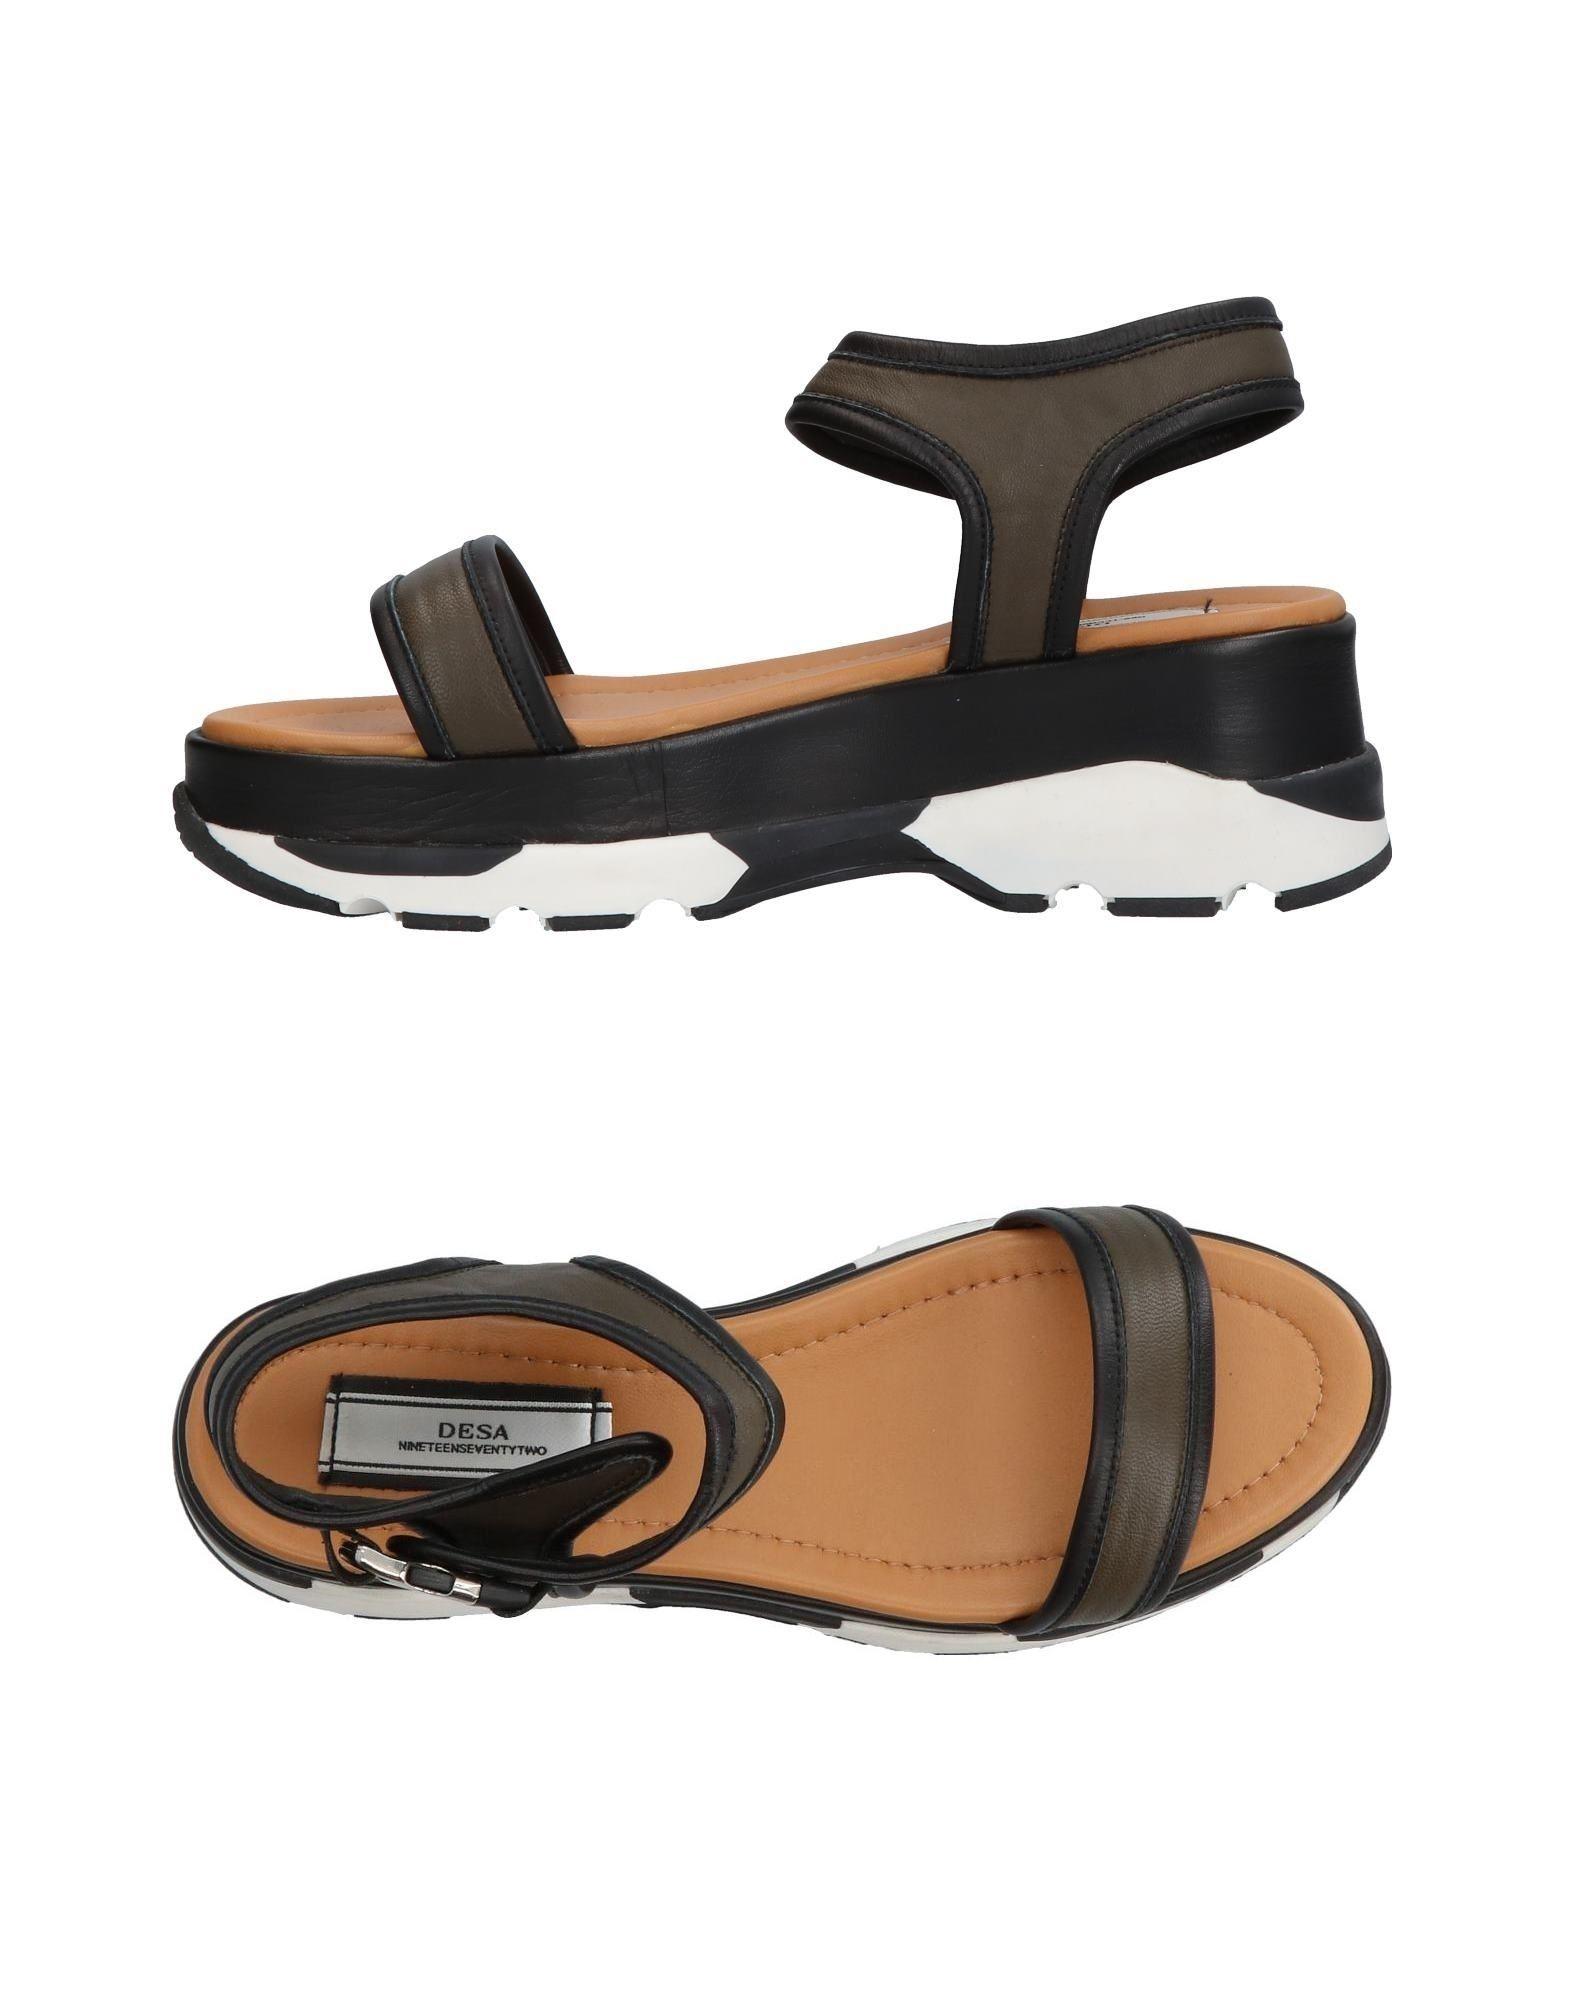 Desa Nineteenseventytwo Sandalen Damen  11358258QT Gute Qualität beliebte Schuhe